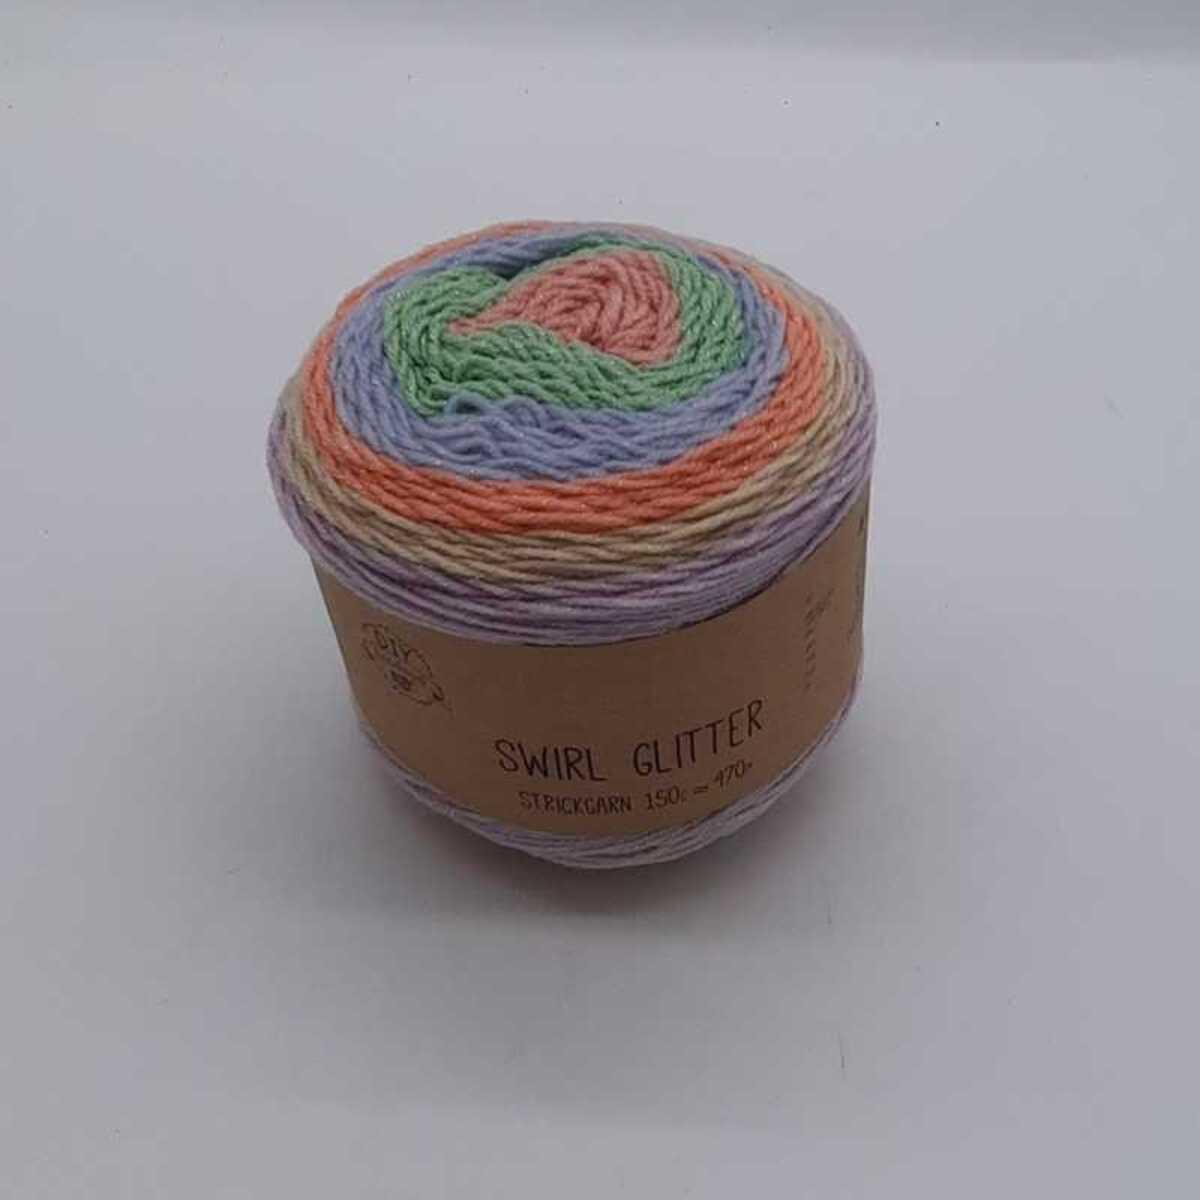 """Bild 3 von Strickgarn """"Swirl Glitter"""", ca. 780m, verschiedene Farben"""